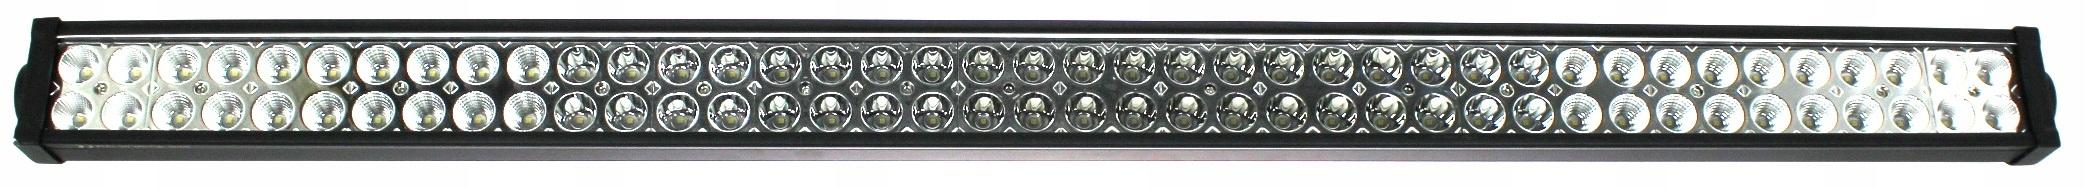 Панель Сид 80 240ВТ внедорожный лампа 12/24В комбинированный 106см